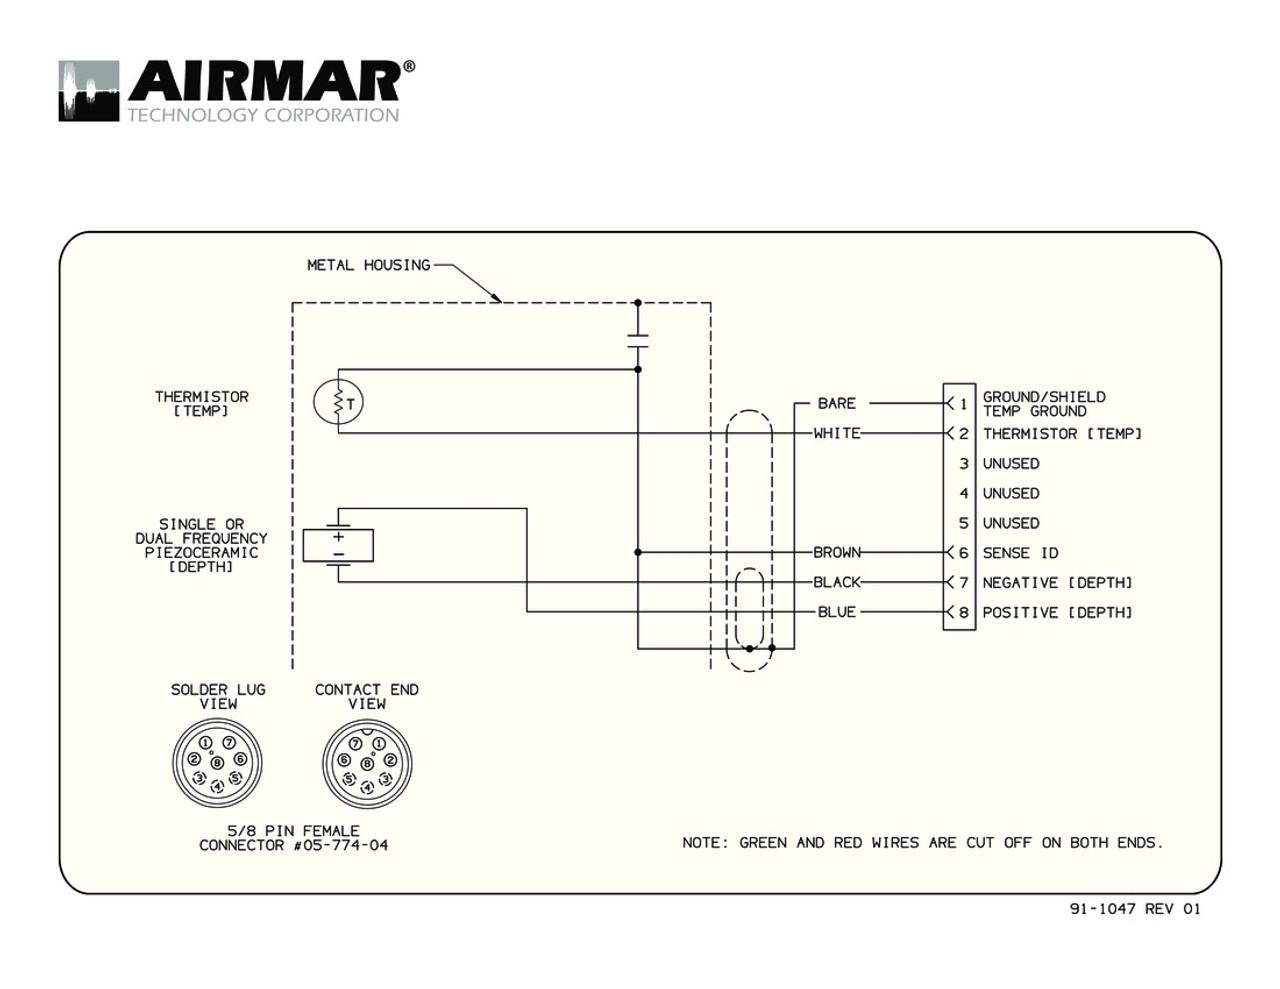 garmin gps 441s wiring diagram wiring schematic diagram 192garmin 441s wiring diagram wiring schematic diagram 192 [ 1280 x 989 Pixel ]